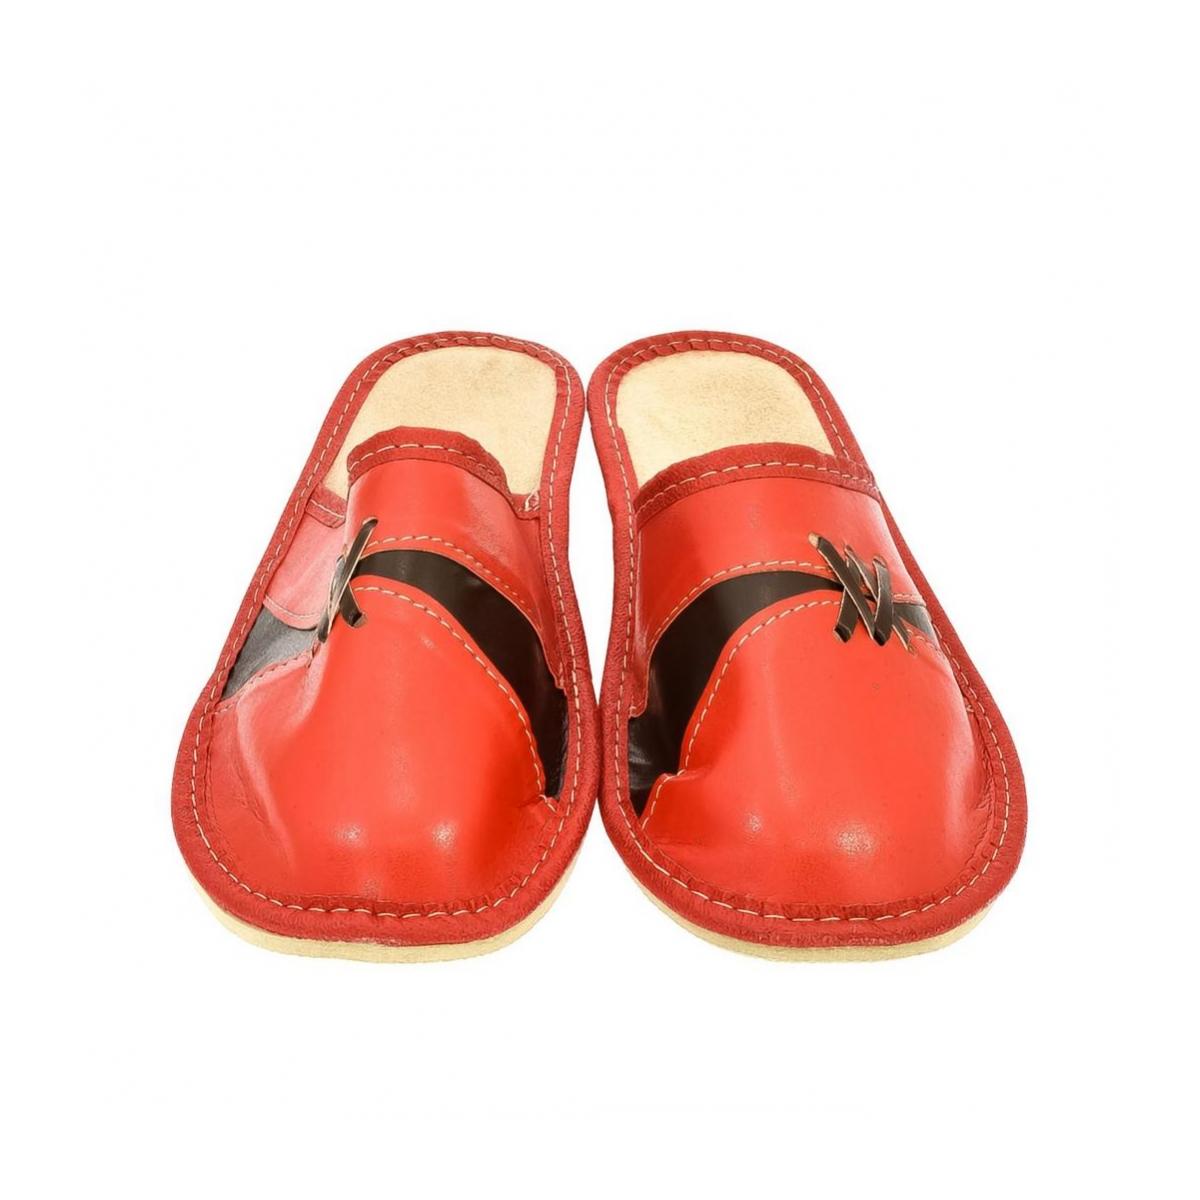 2ecb1c34a16f Dámske kožené červené papuče ZORA - 2